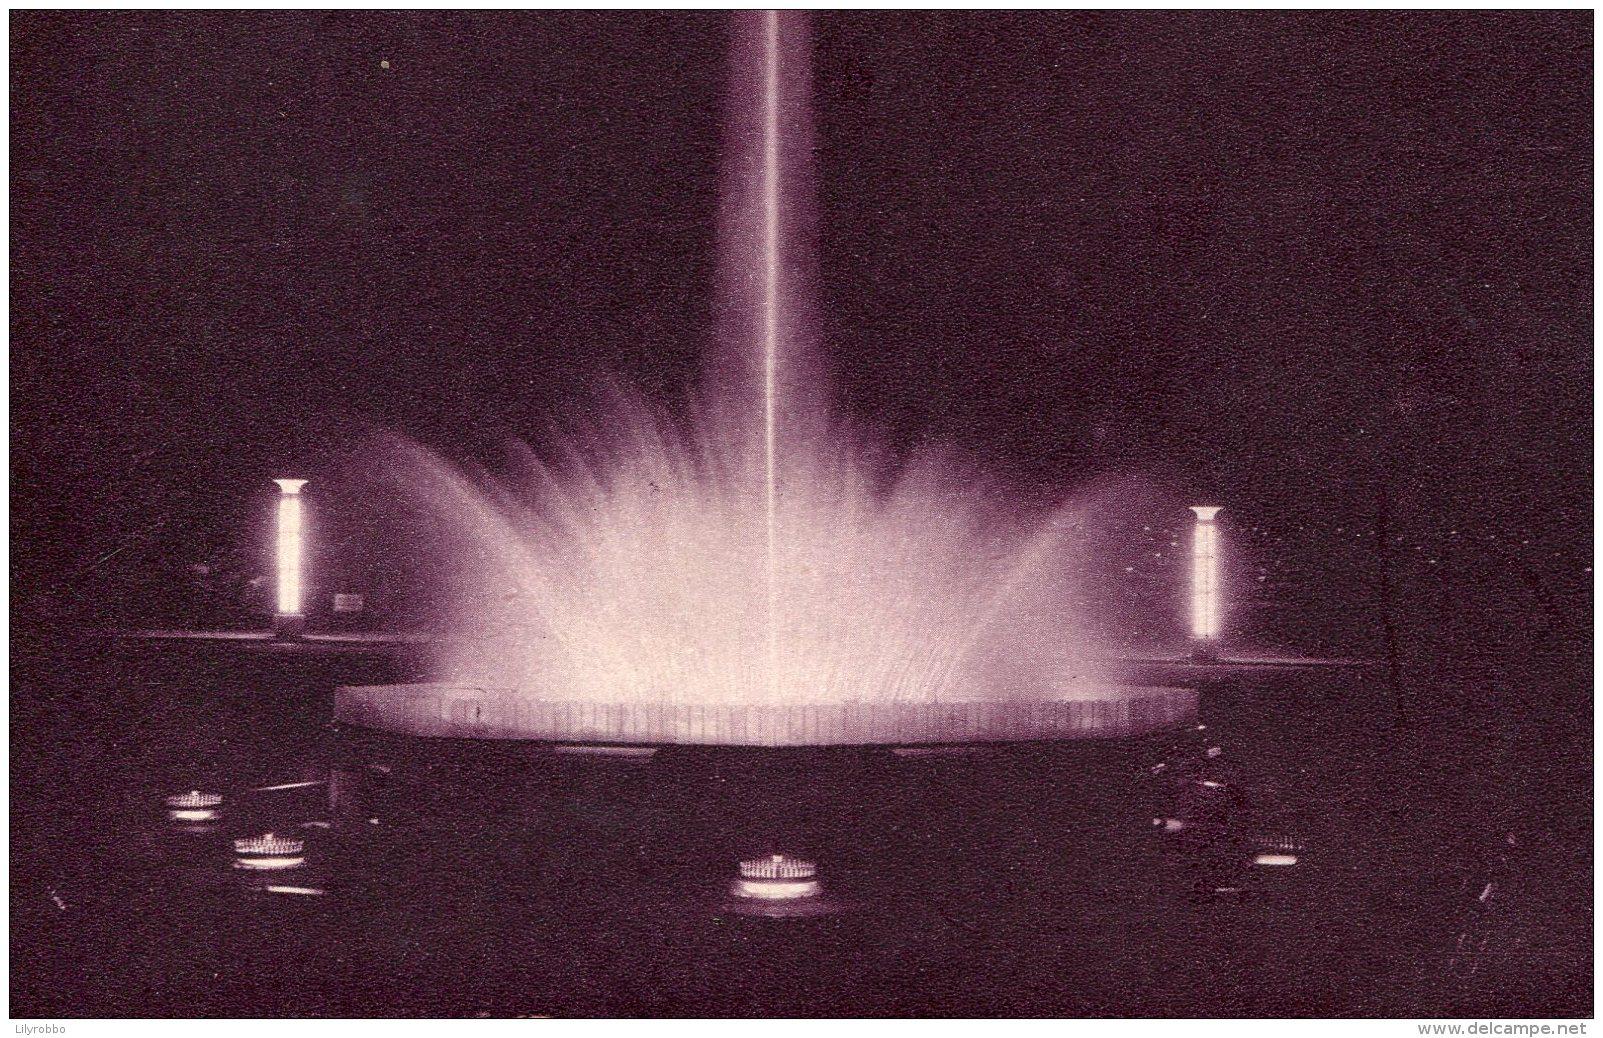 BELGIUM - Official Card De L'Exposition De Bruxelles 1935 - Jeux D'eau Et Fonyaines Lumineuses (3) - Exhibitions